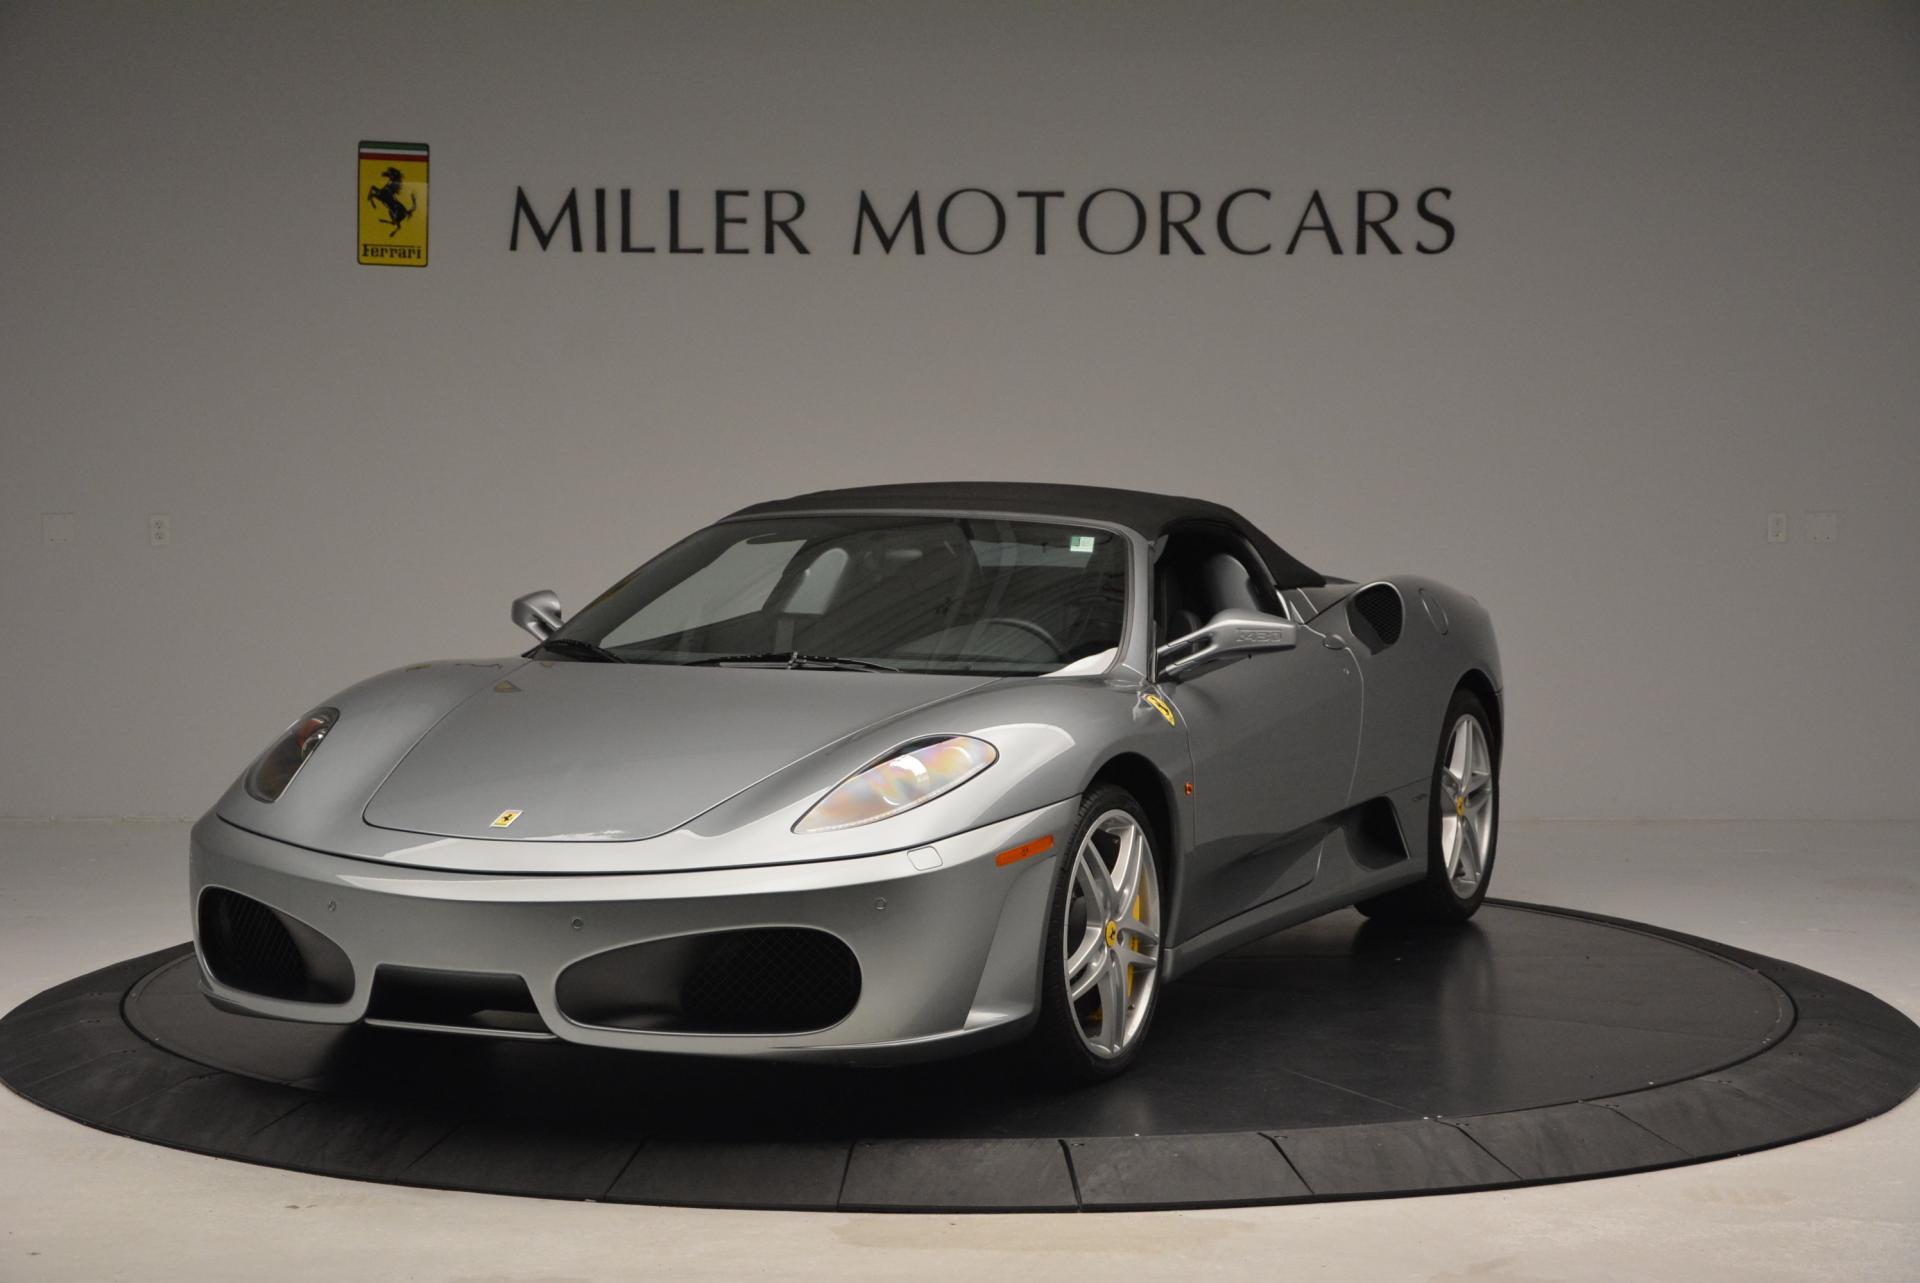 Used 2009 Ferrari F430 Spider F1 For Sale In Greenwich, CT. Alfa Romeo of Greenwich, 4243 131_p13